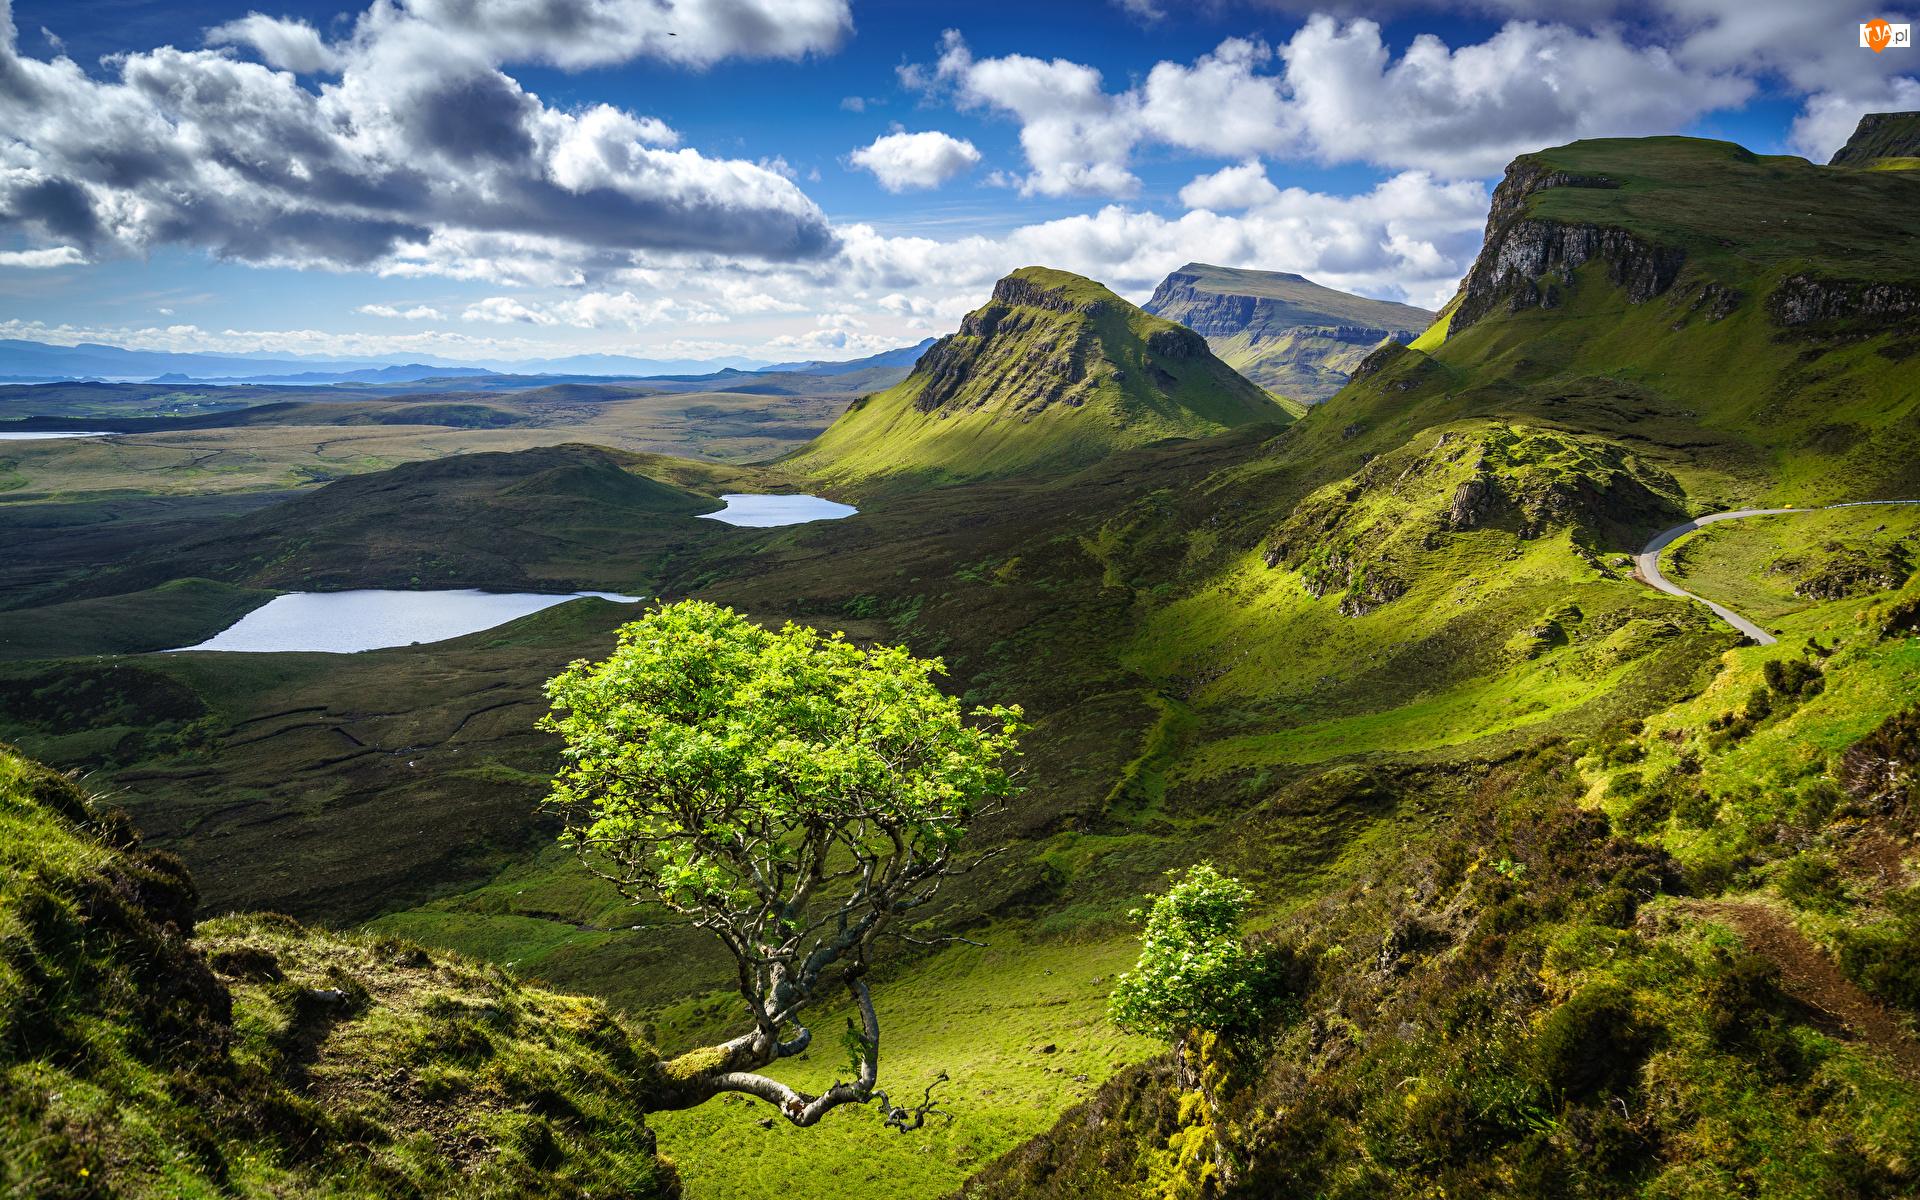 Szkocja, Jeziora, Quiraing, Wyspa Skye, Osuwisko, Zielone, Drzewo, Góry, Chmury